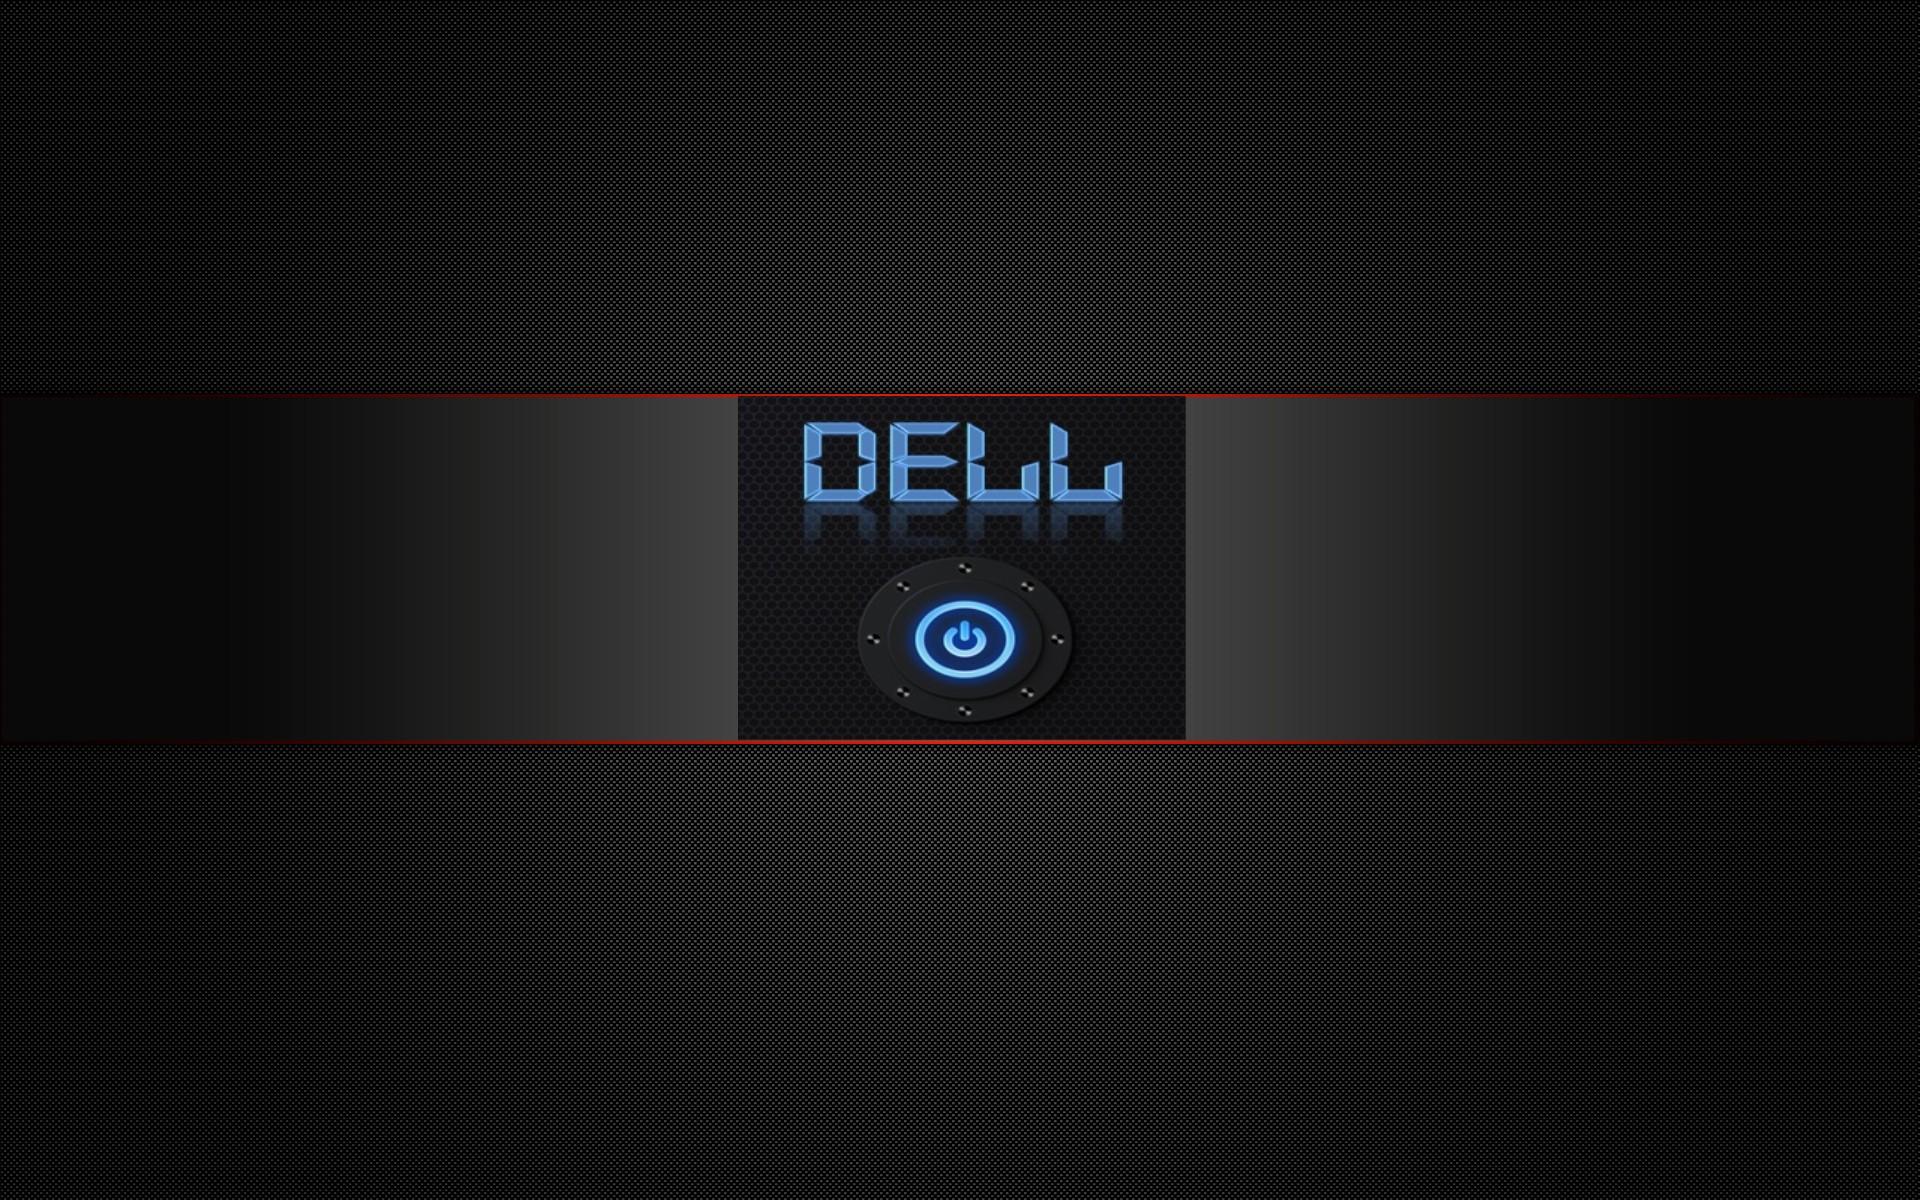 Best 35 Dell Blue Wallpaper on HipWallpaper Dell Wallpaper 1920x1200